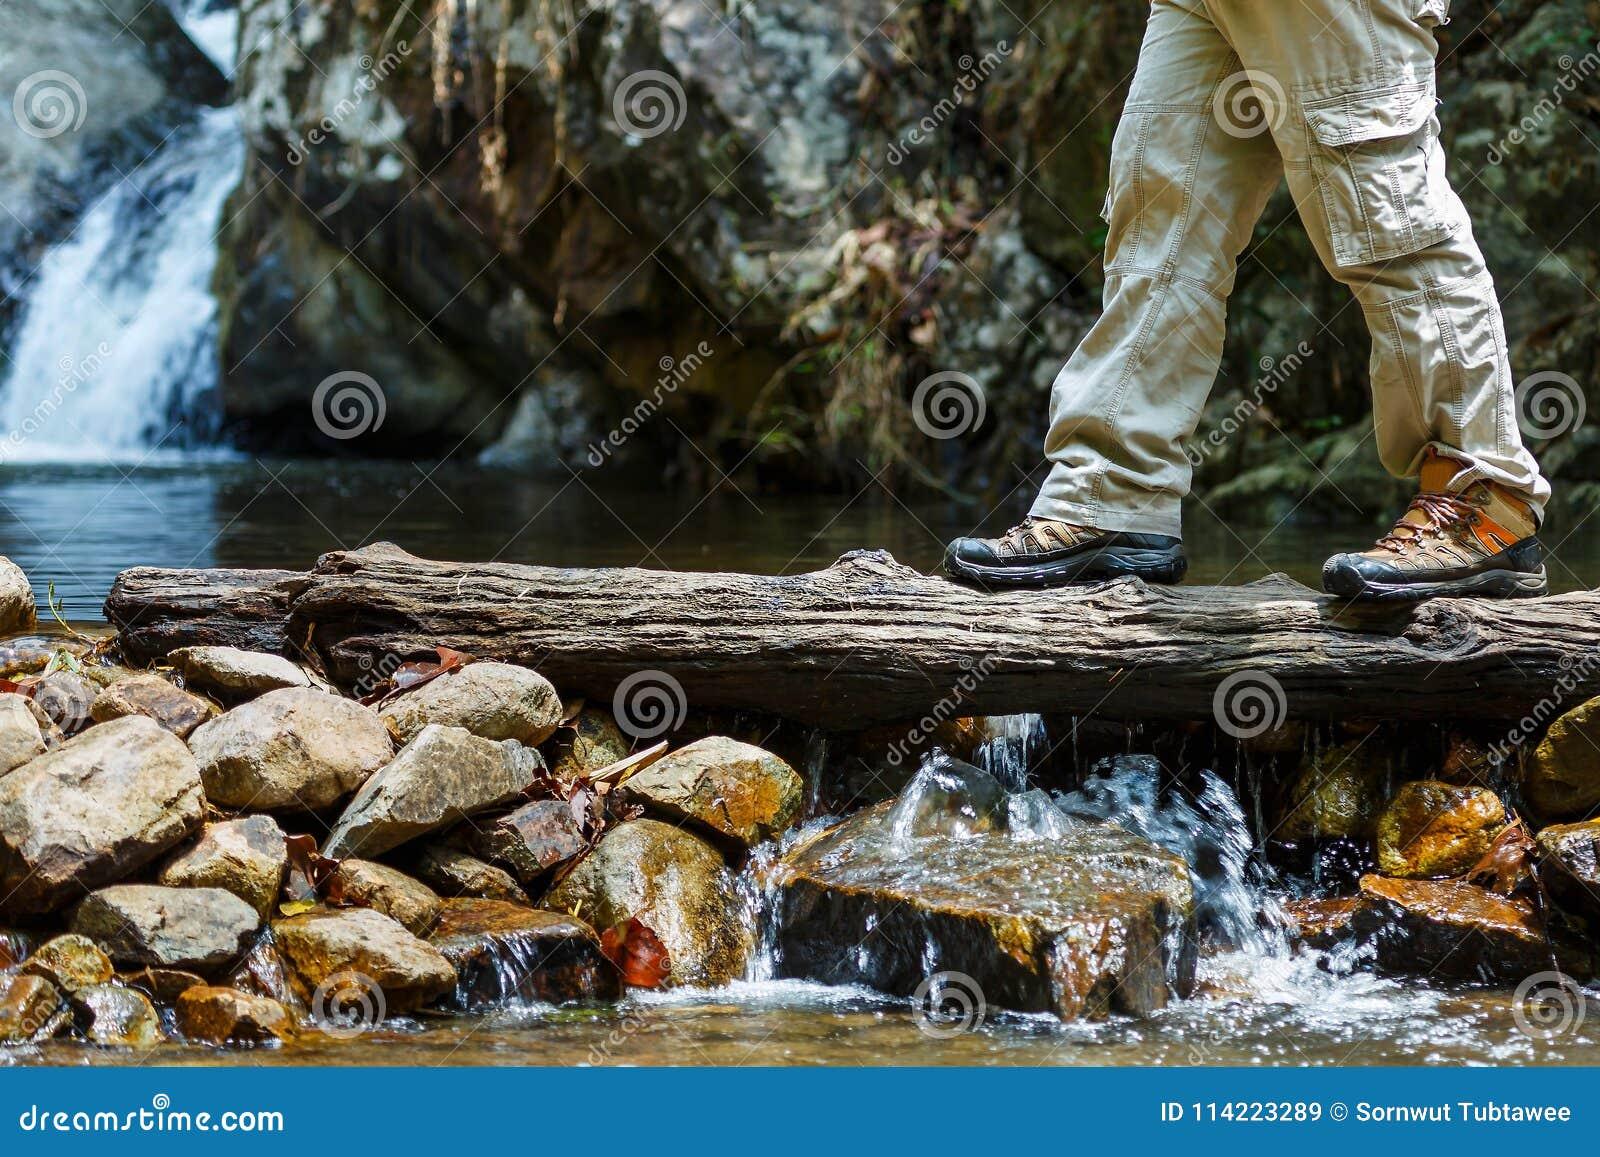 Пешее приключение концепции образа жизни перемещения, пересекает поток